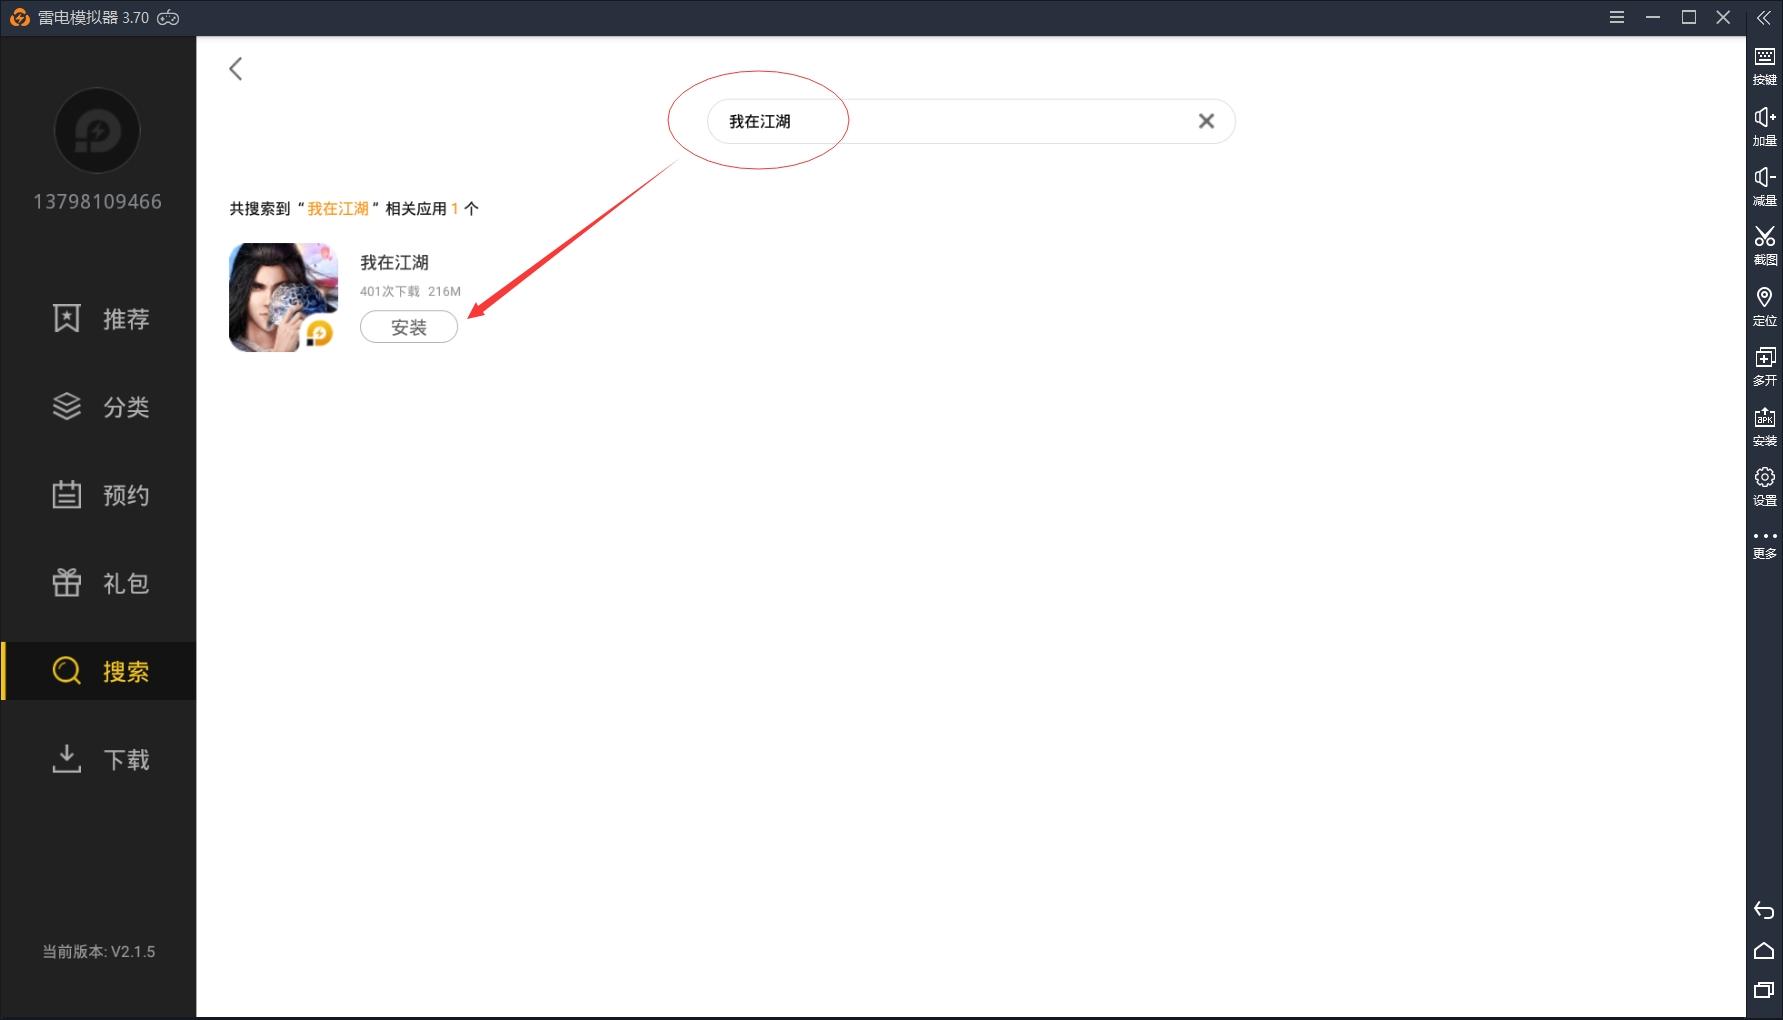 【我在江湖】電腦版怎么玩—安卓模擬器安裝使用教程